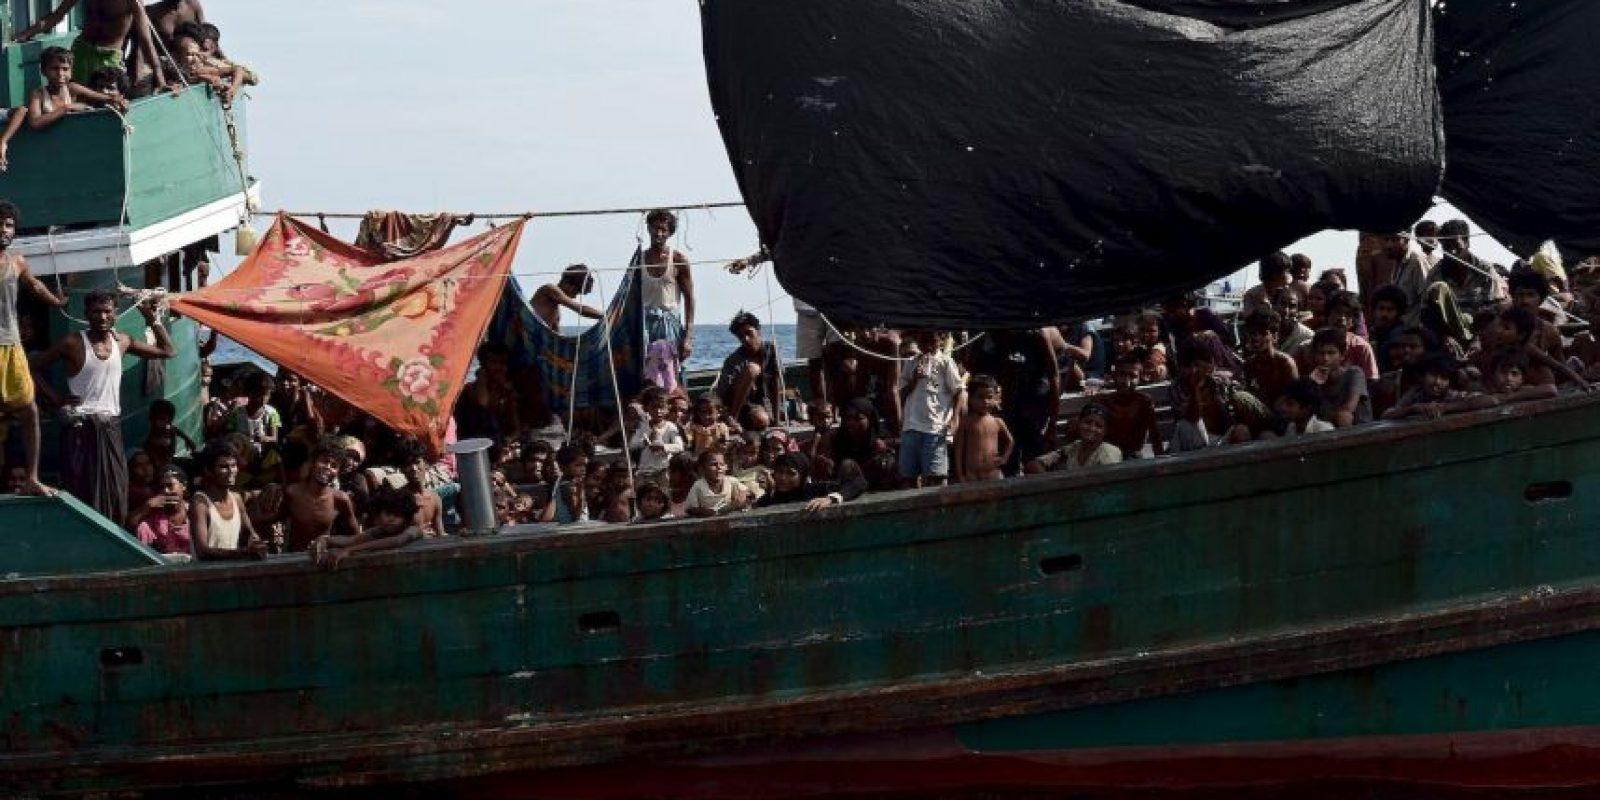 Inmigrantes de nacionalidad dominicana y cubana son los más que intentan entrar a la isla por dicho canal. La zona es peligrosa por ser un área de tiburones. Foto:AFP